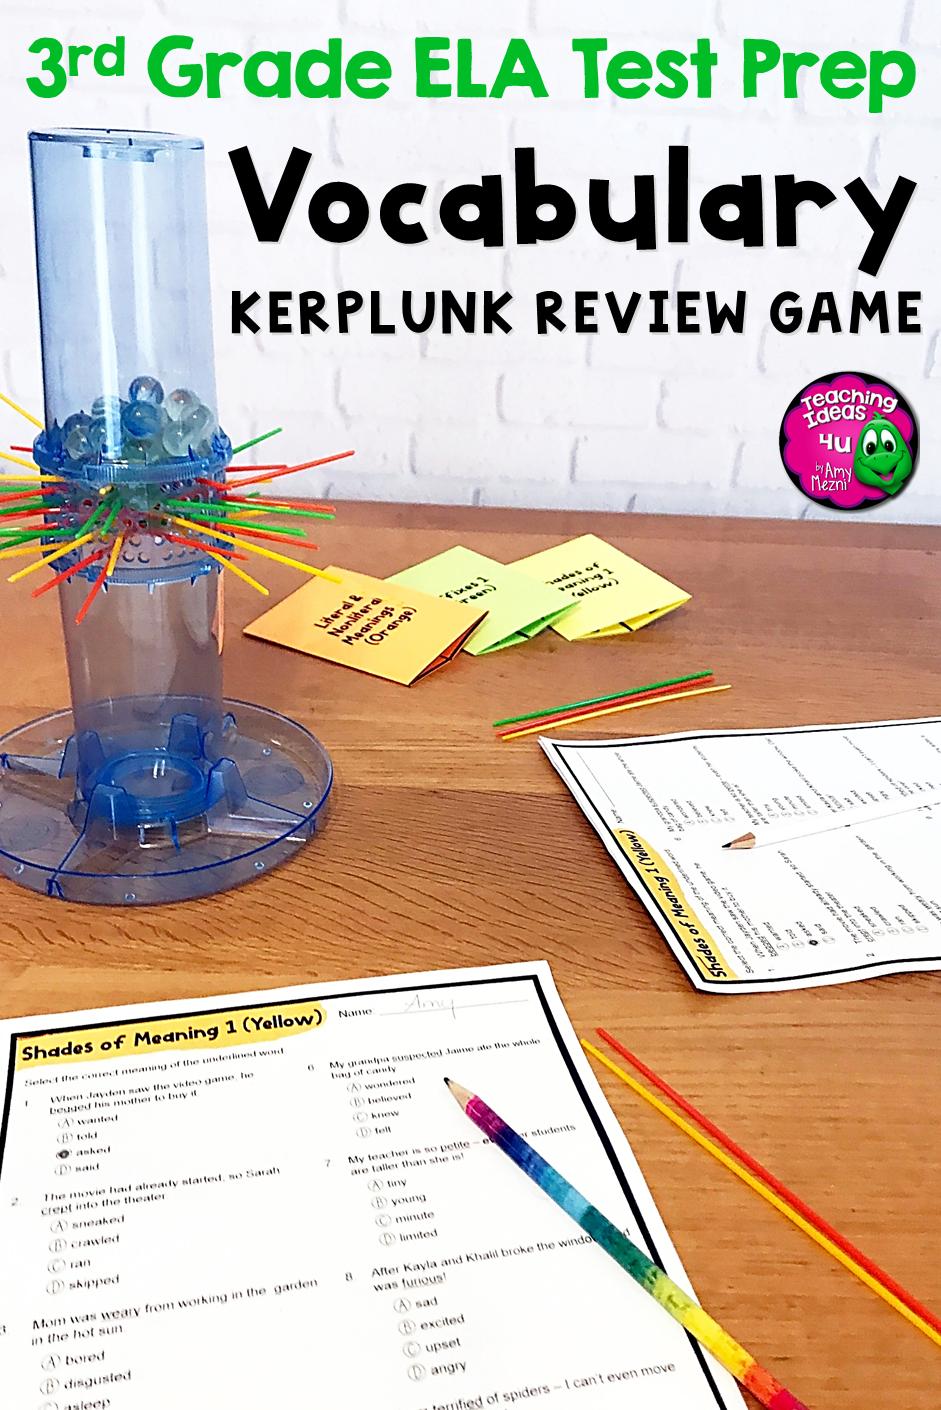 ELA Test Prep Vocabulary Kerplunk Review Game 3rd Grade FSA AIR ...